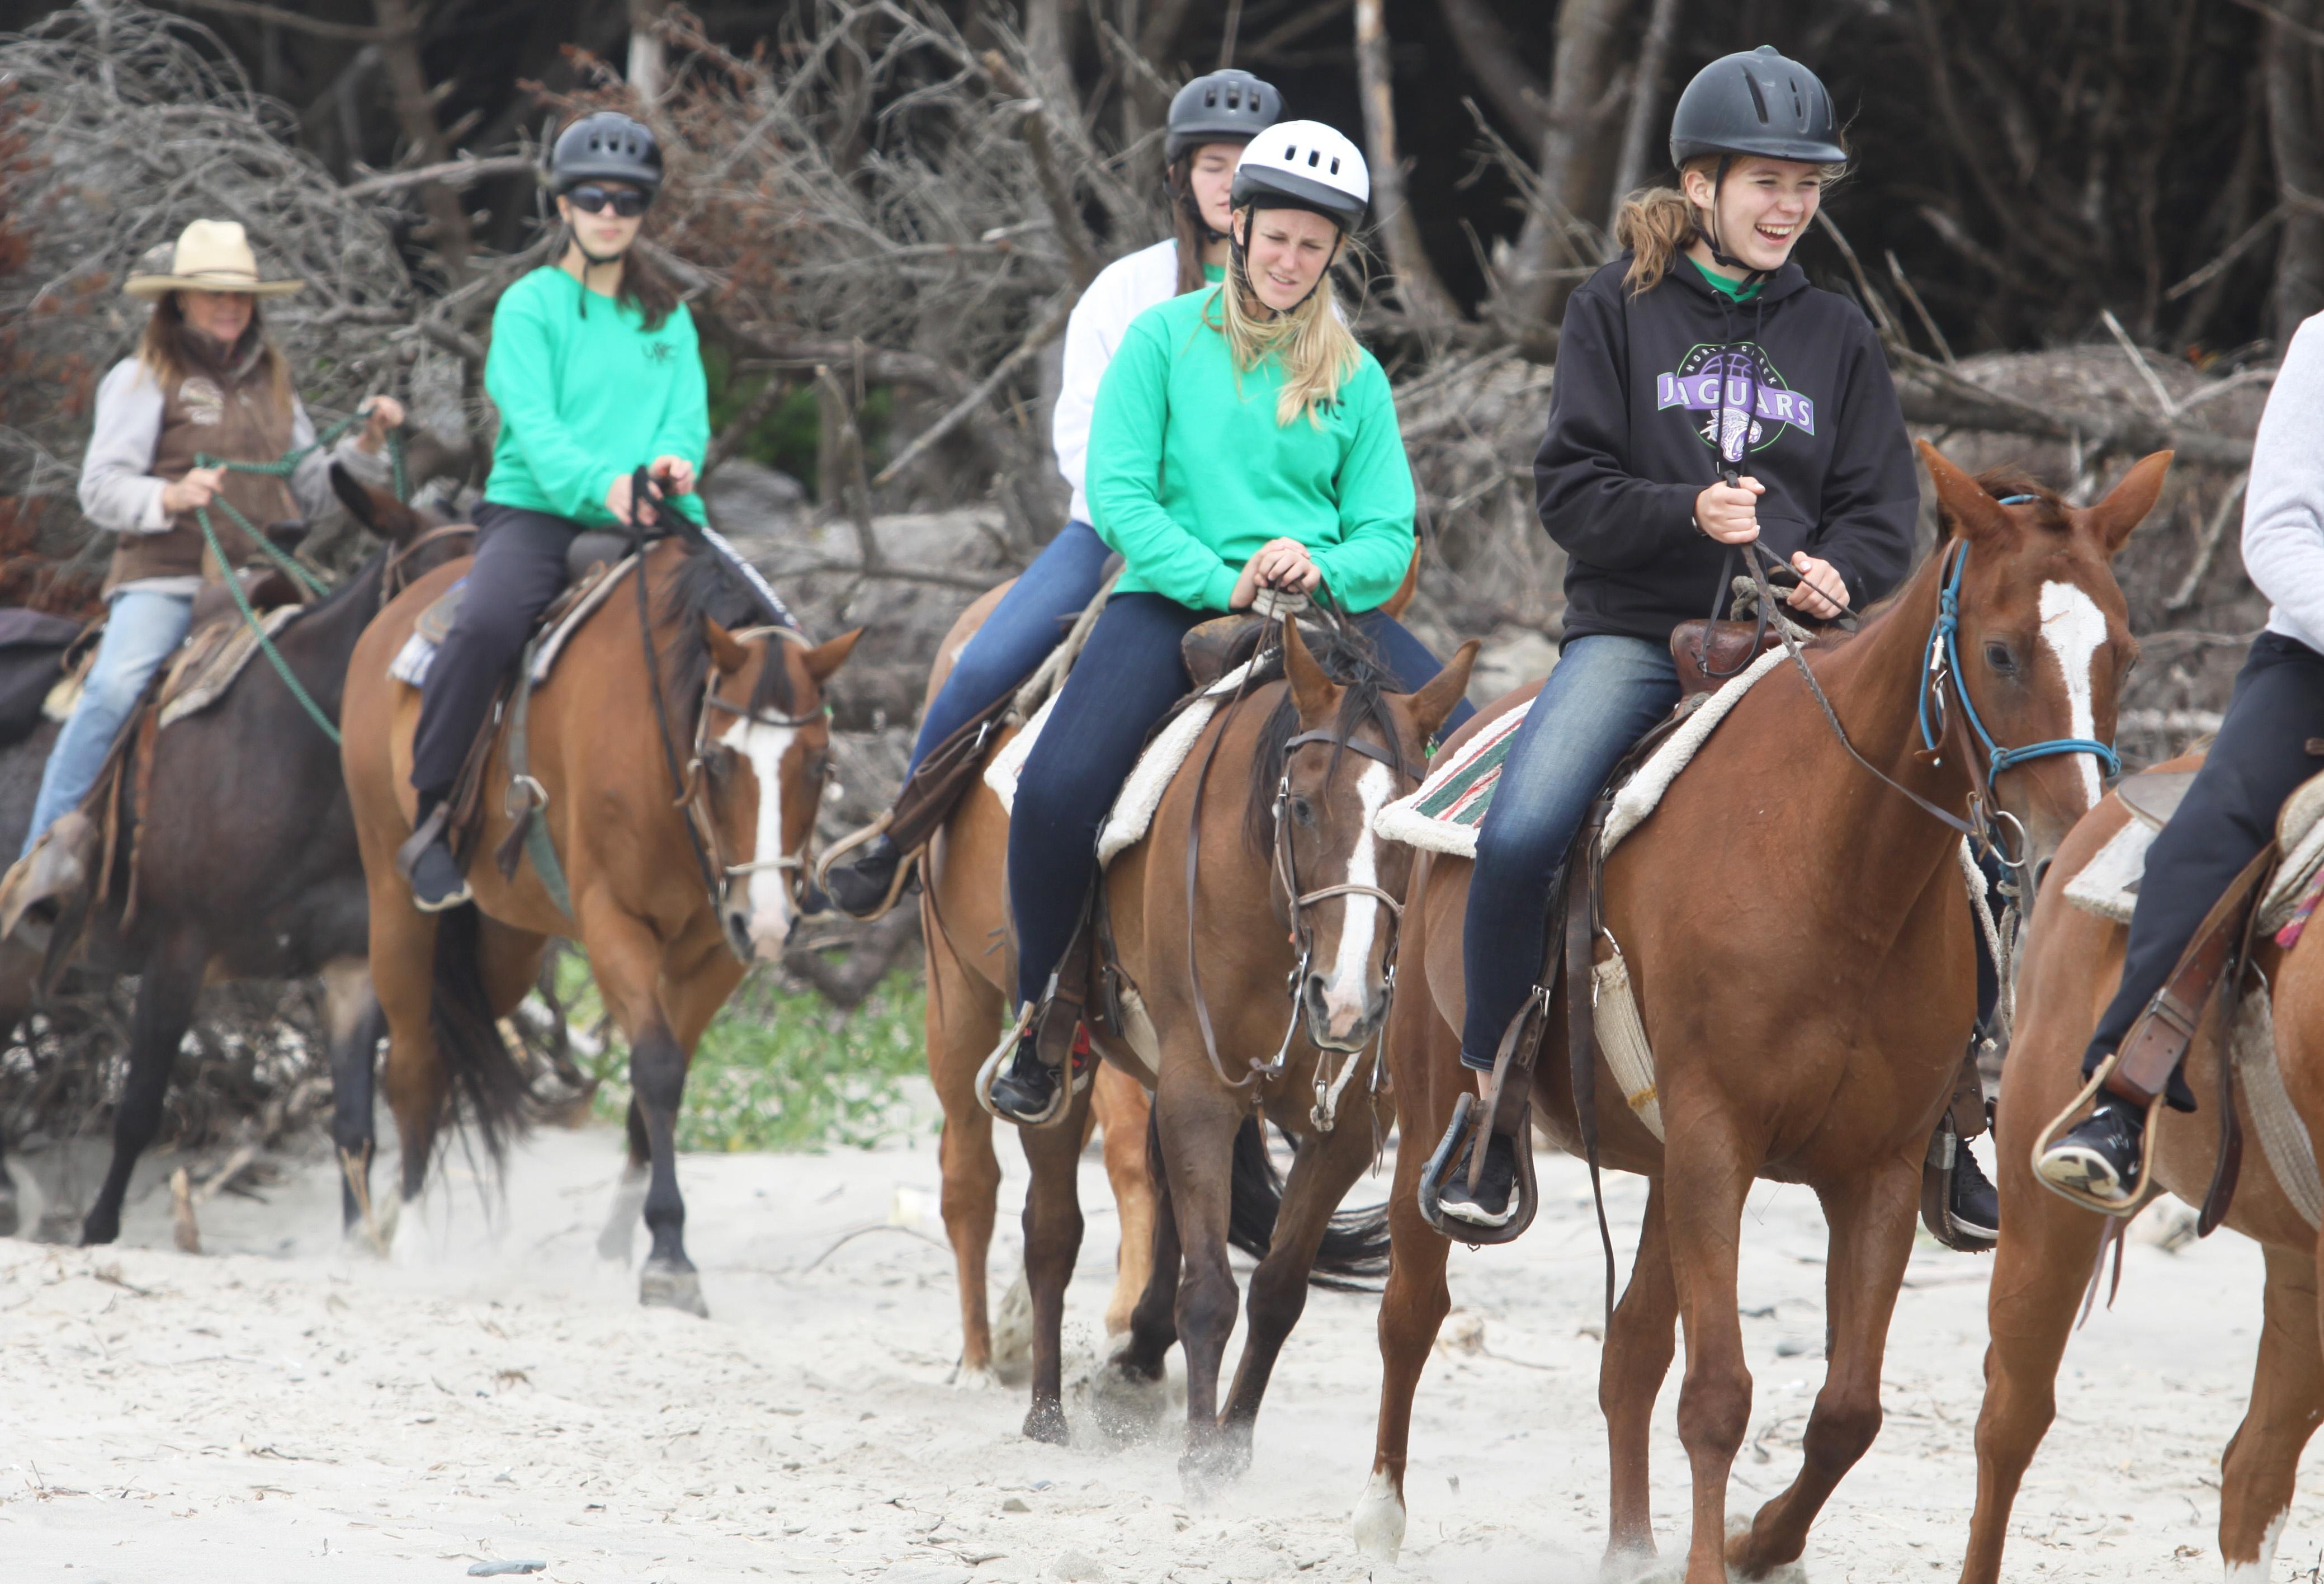 Horseback riding at Northwest Camp.